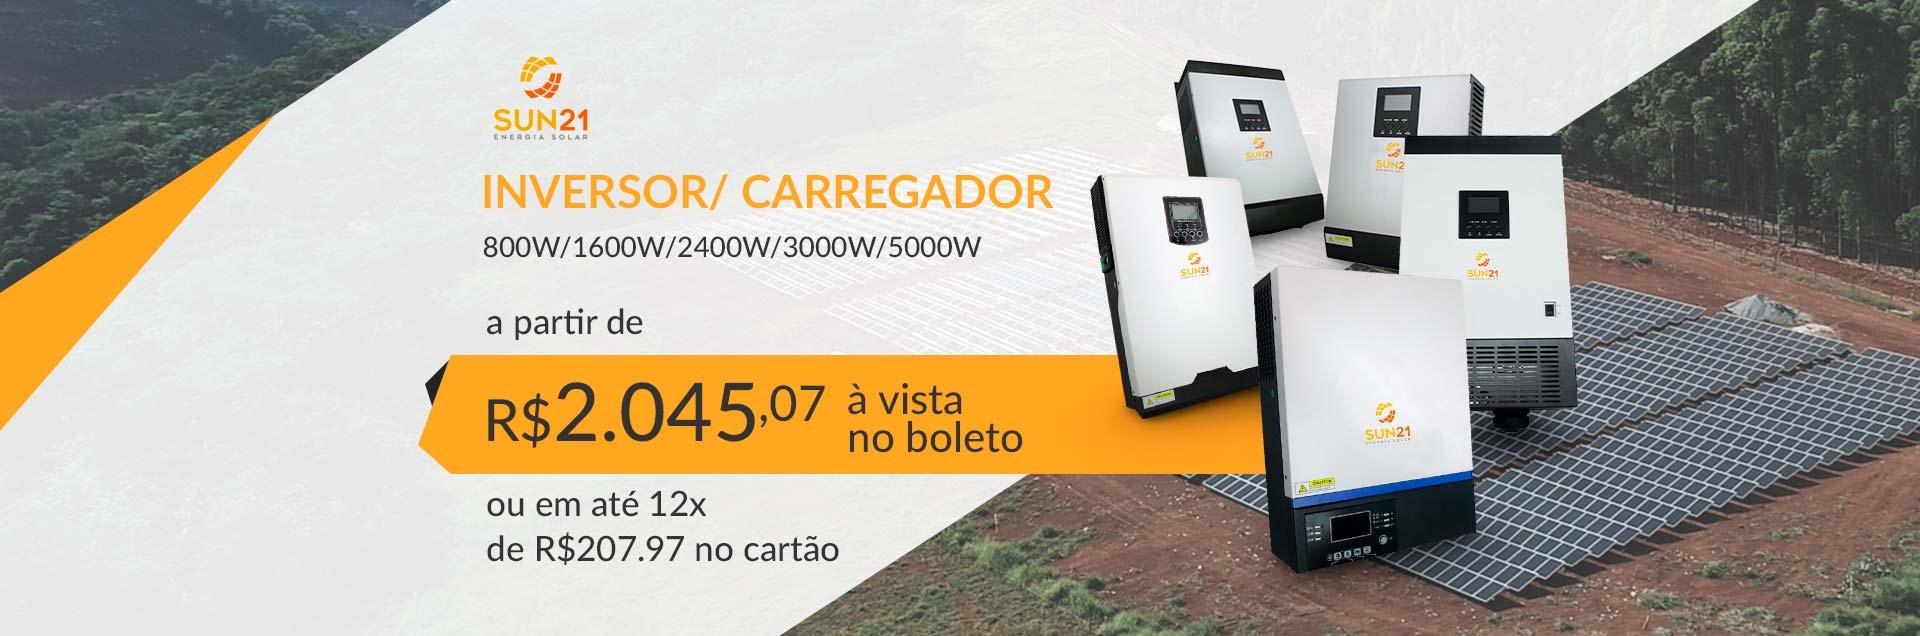 Inversor/Carregador Sun21 - 800W/1600W/2400W/3000W/5000W